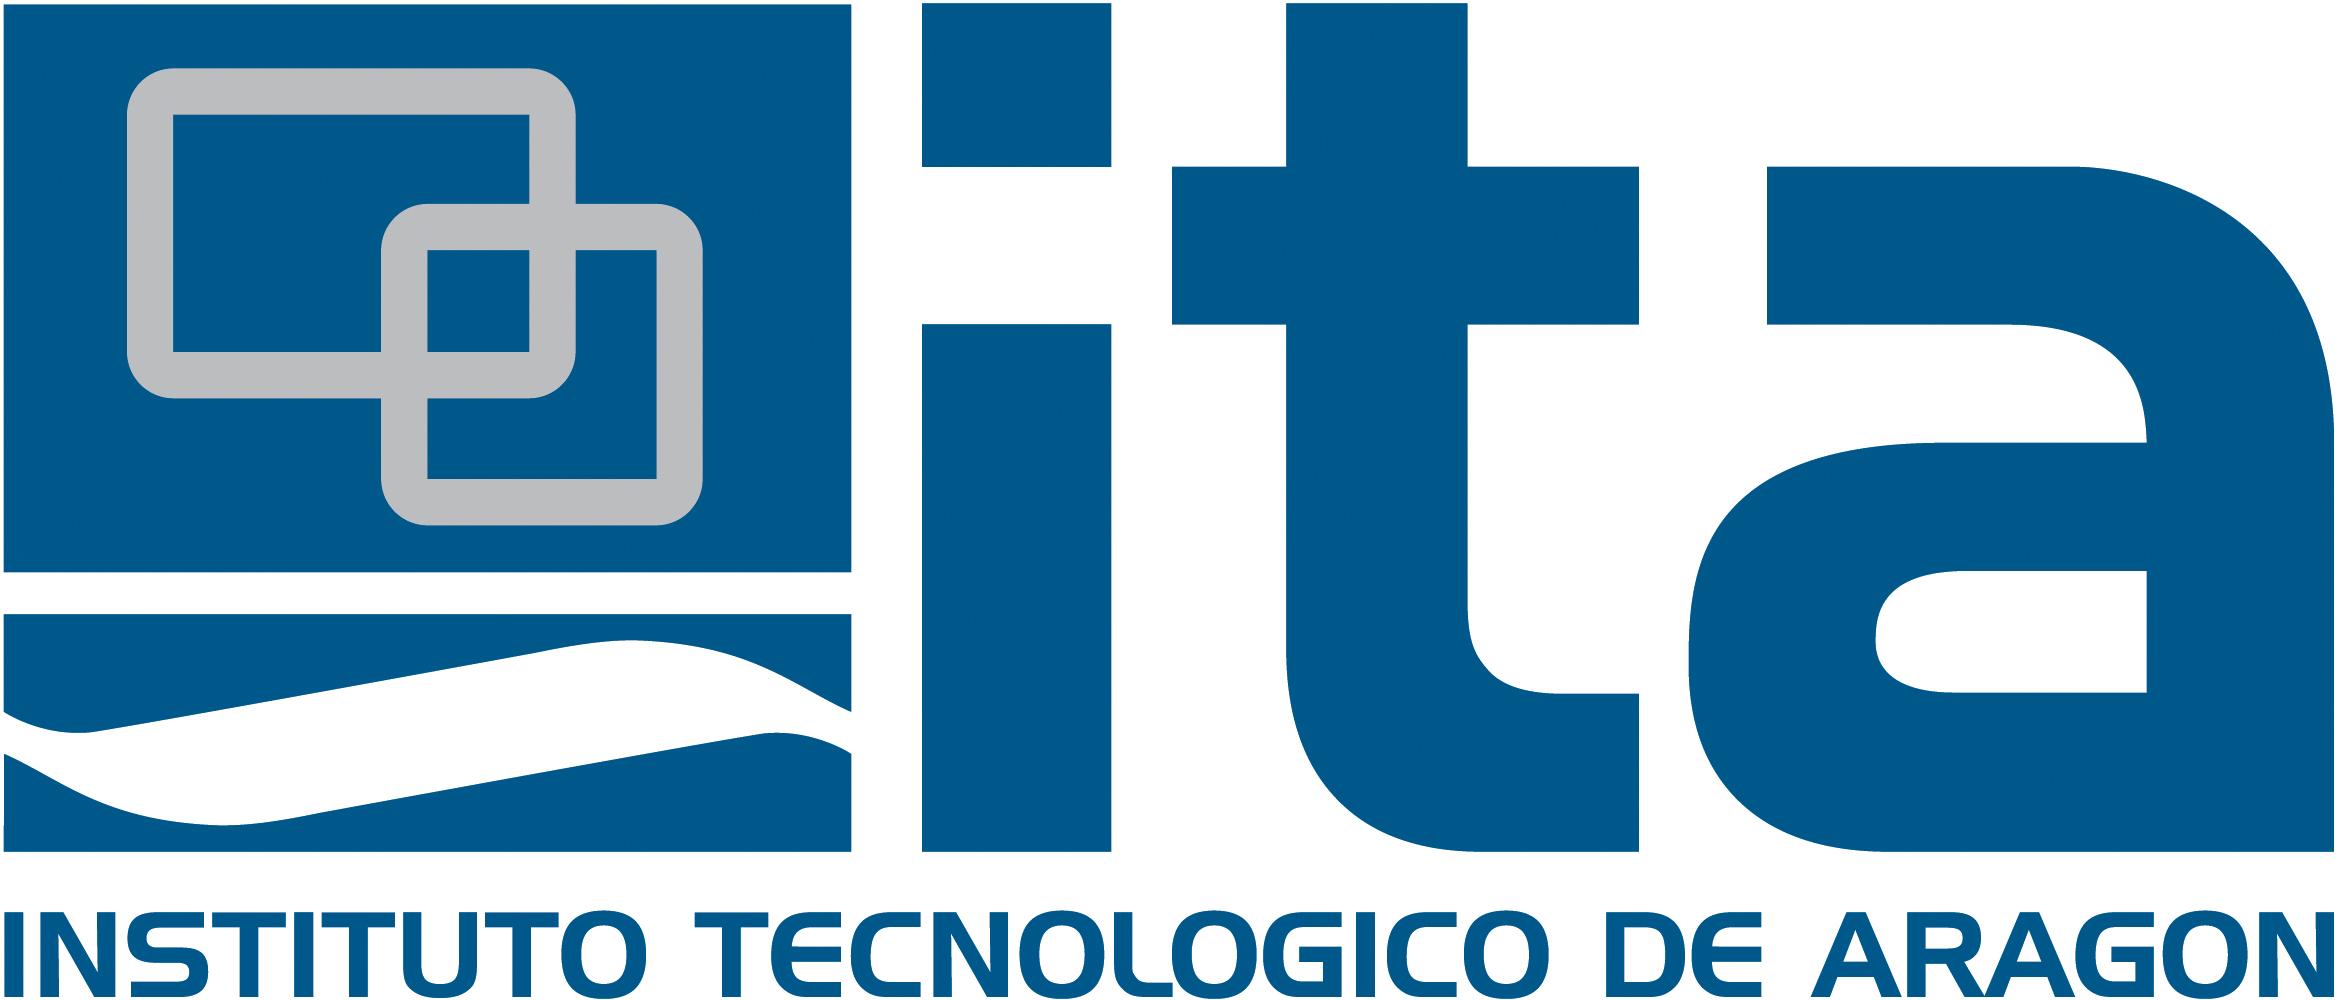 Instituto Tecnológico de Aragón